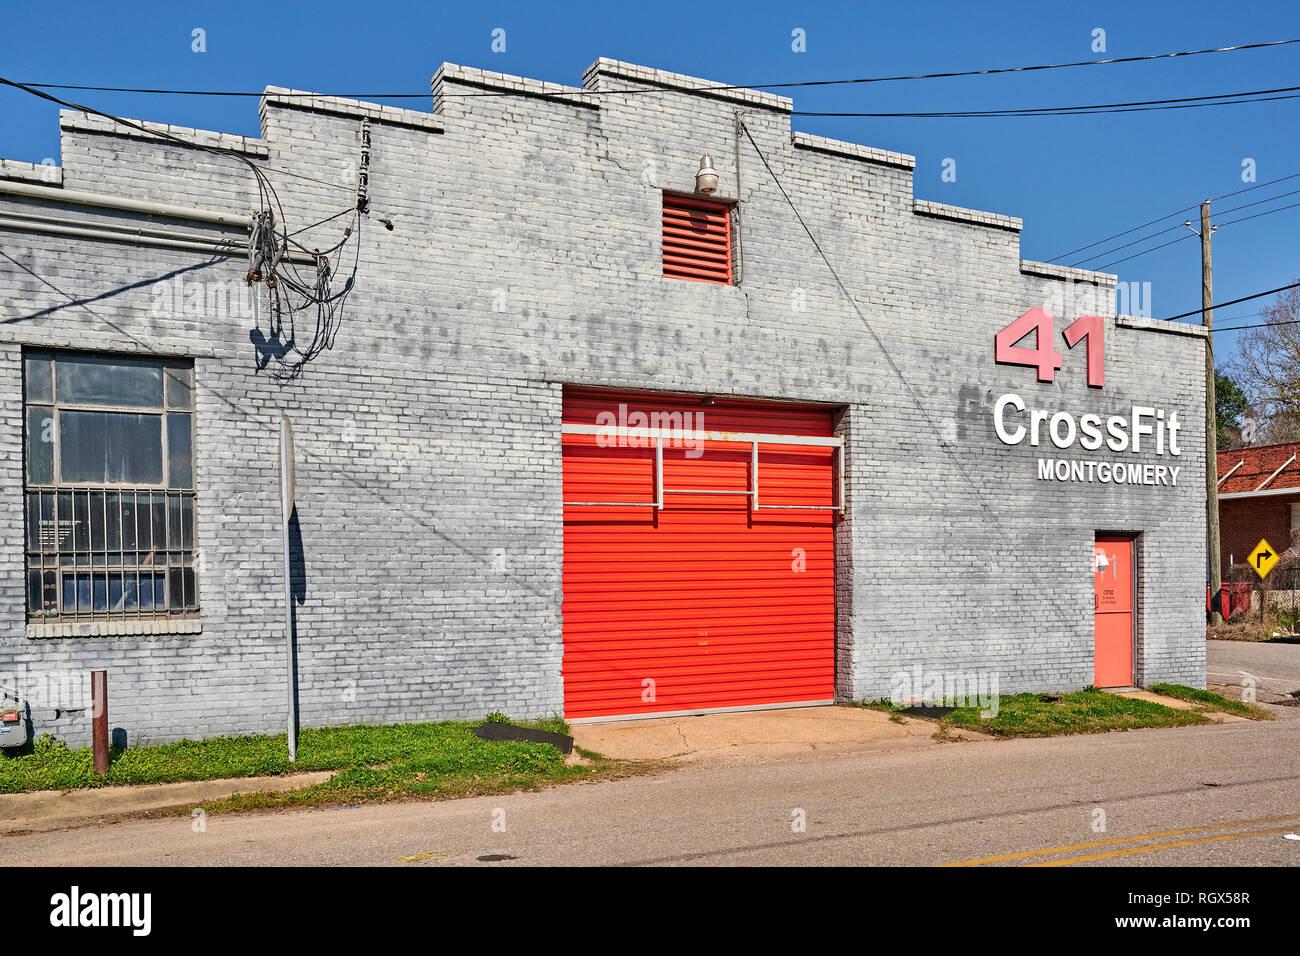 Crossfit entrada exterior delantera del gimnasio o gimnasio o club de salud en Montgomery, Alabama, Estados Unidos. Imagen De Stock